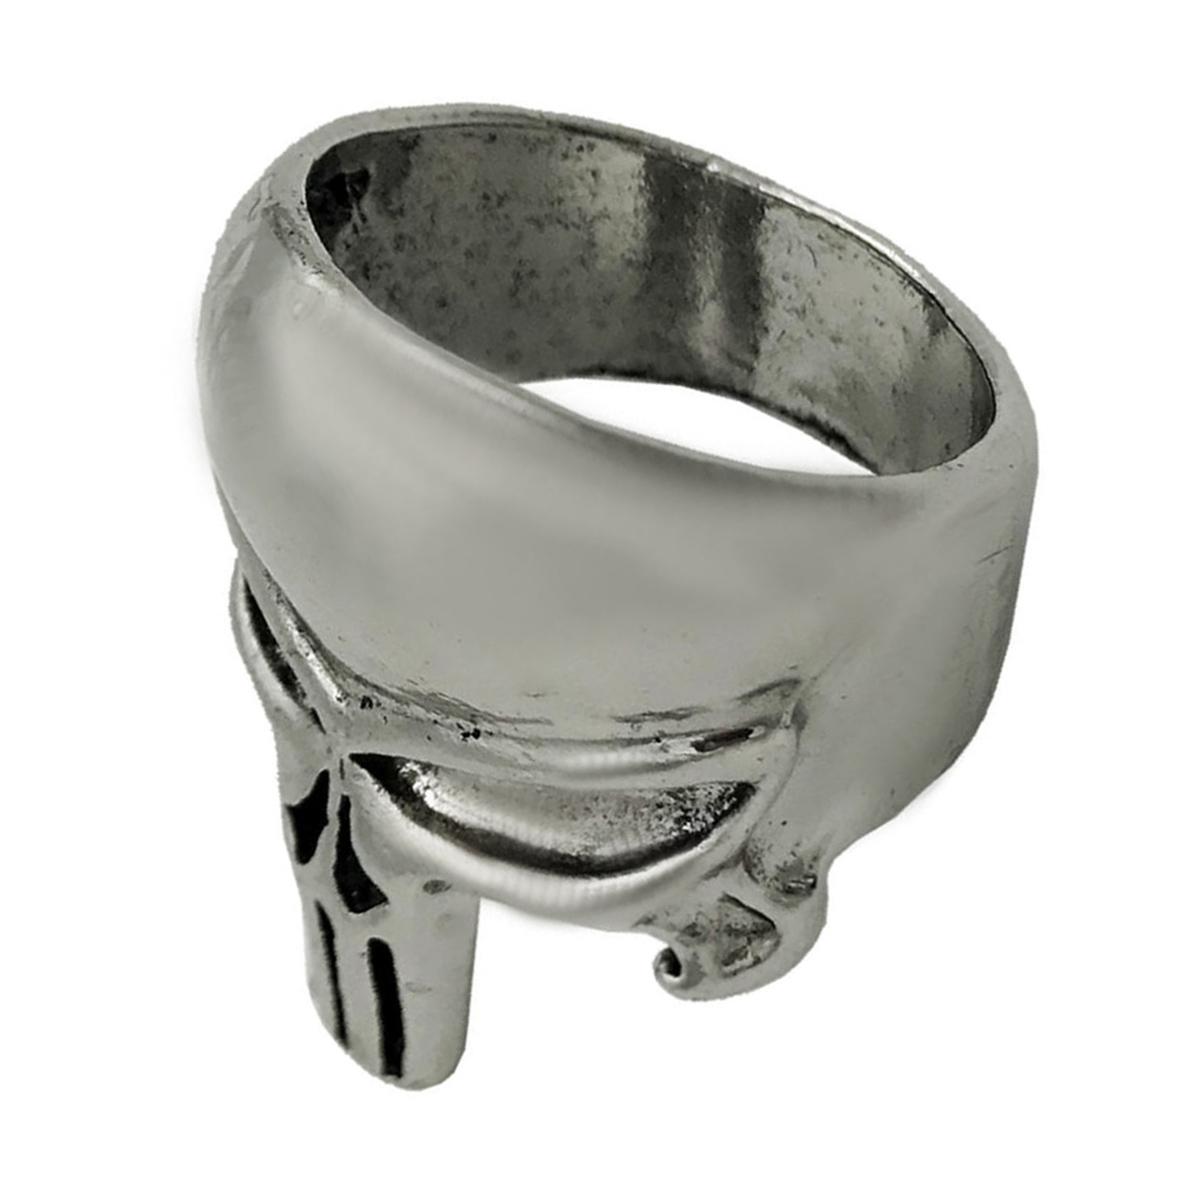 انگشتر مردانه طرح اسکلت مدل Punisher